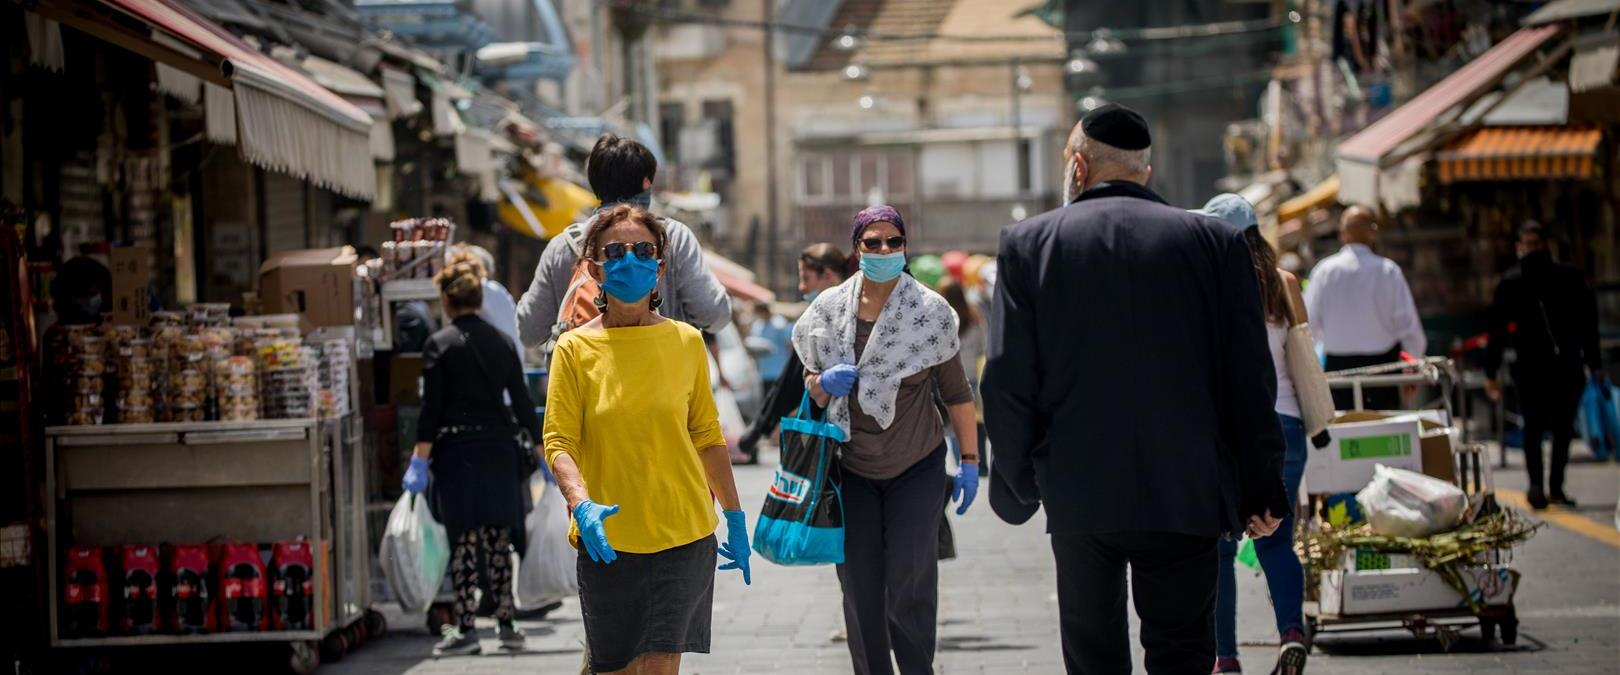 אנשים בשוק מחנה יהודה לאחר ההקלות בהסגר